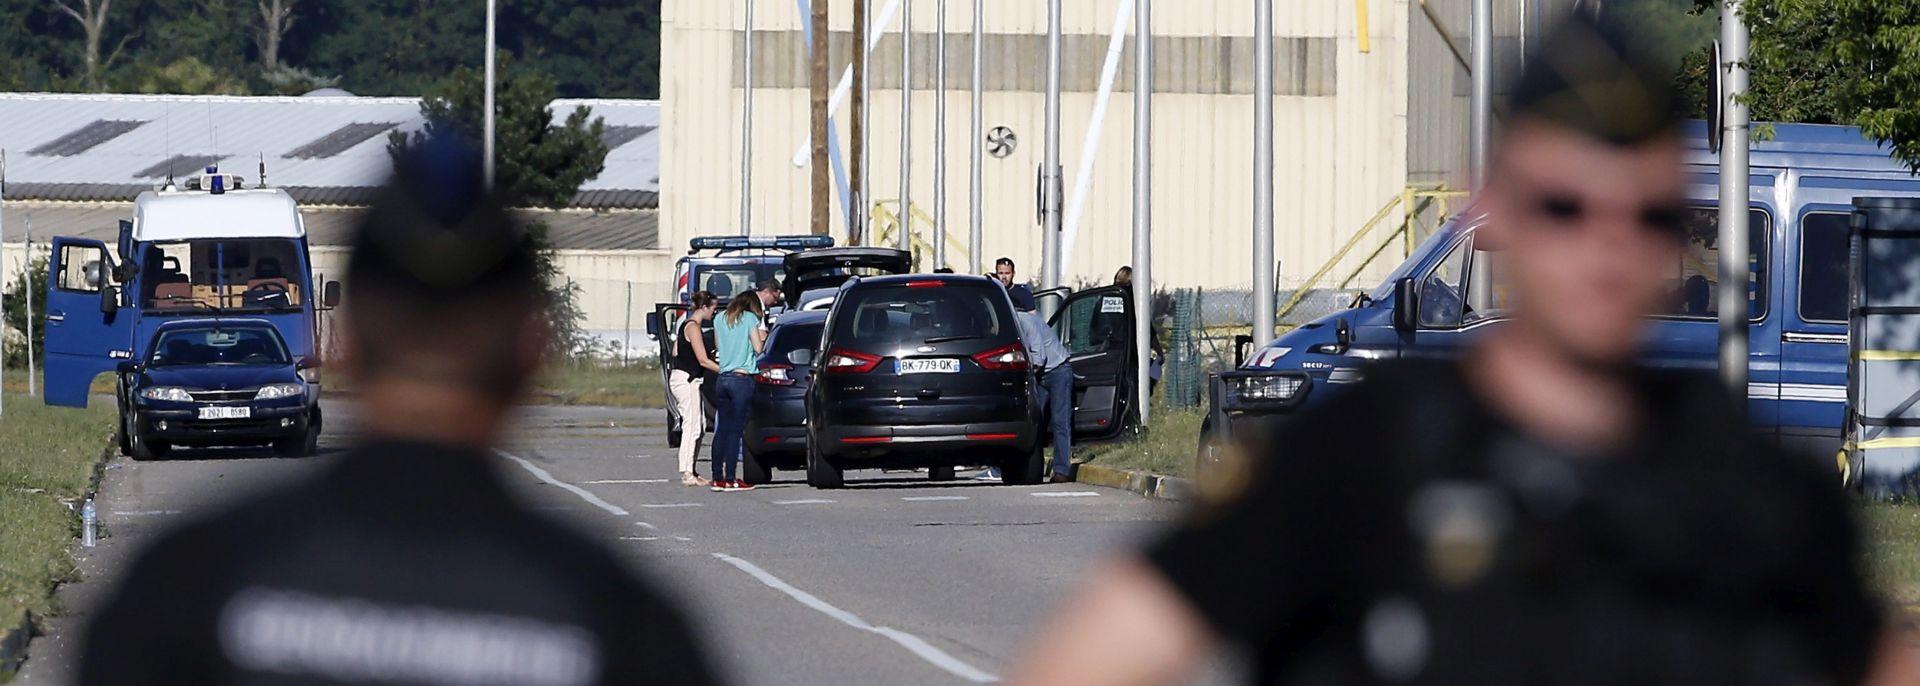 OBJAVLJIVALI PRIJETEĆE PORUKE: Talijanska policija uhitila dvojicu pristaša Islamske države